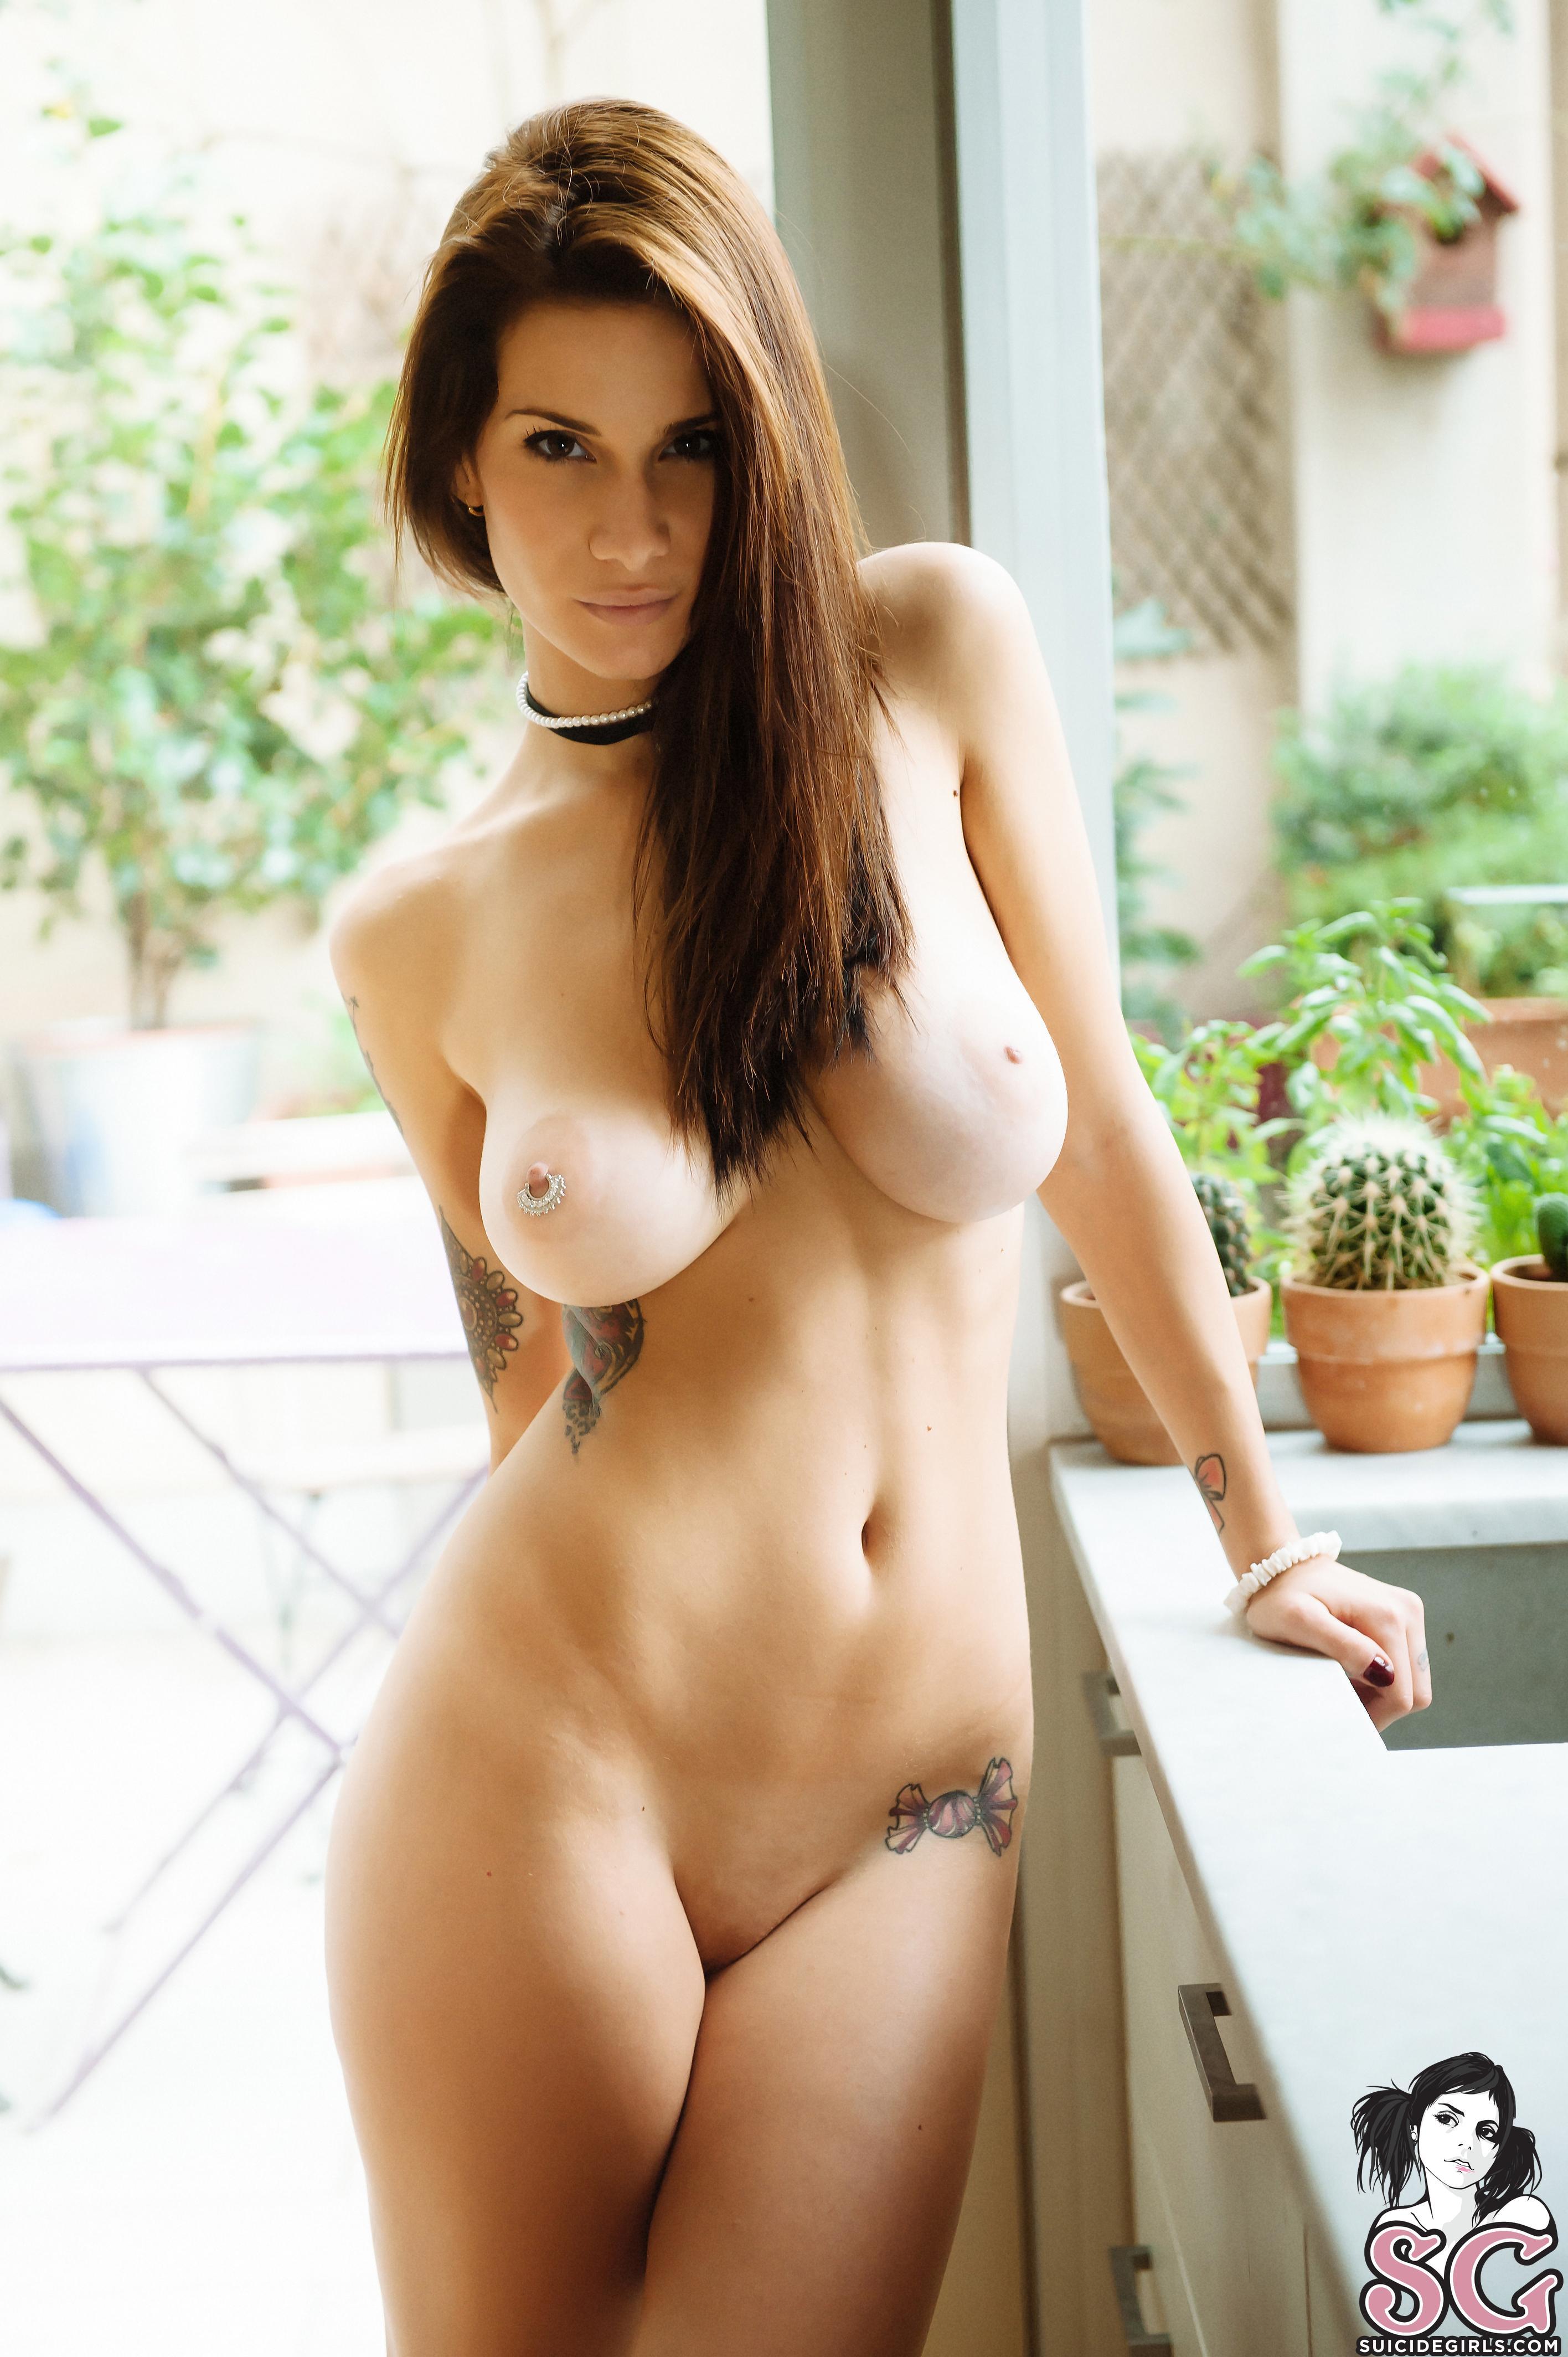 Sensual milf julia ann gets a load of warm jizz on her tits 3